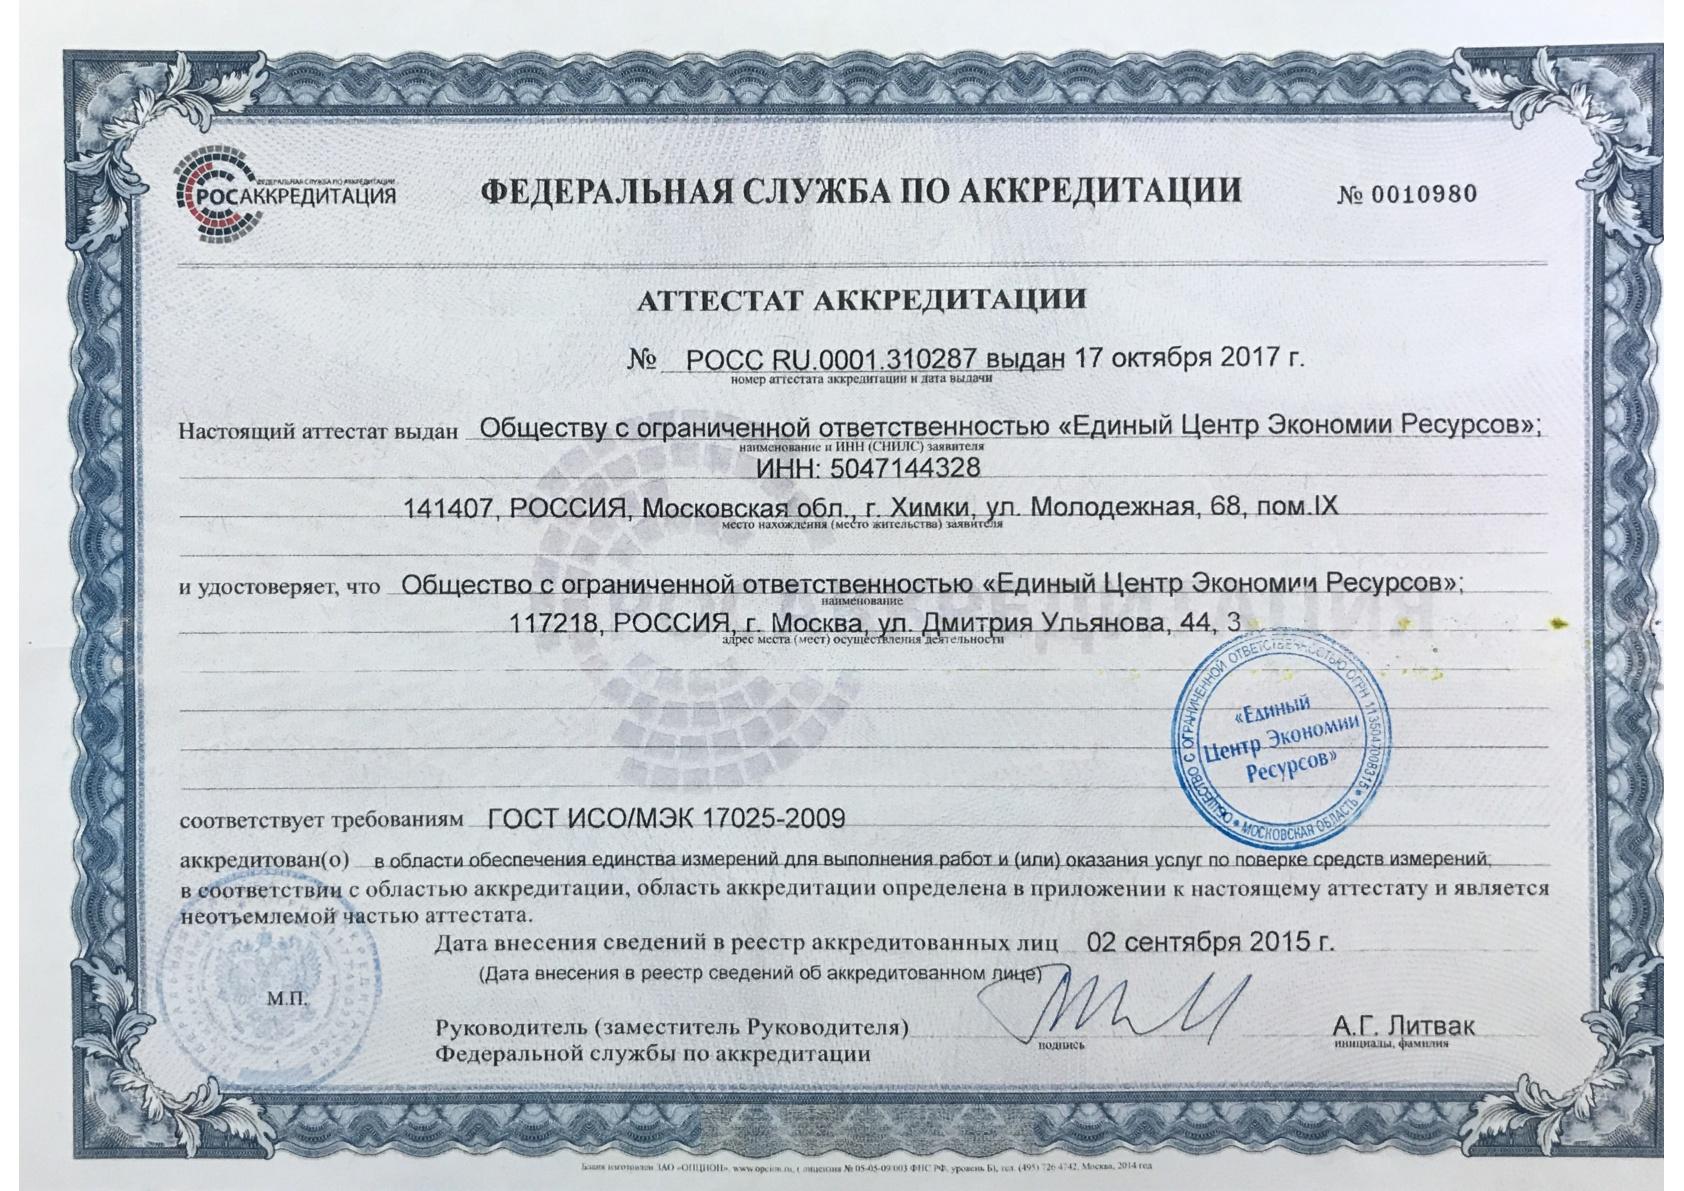 Аттестат_аккредитации_ЕЦЭР-001.jpg